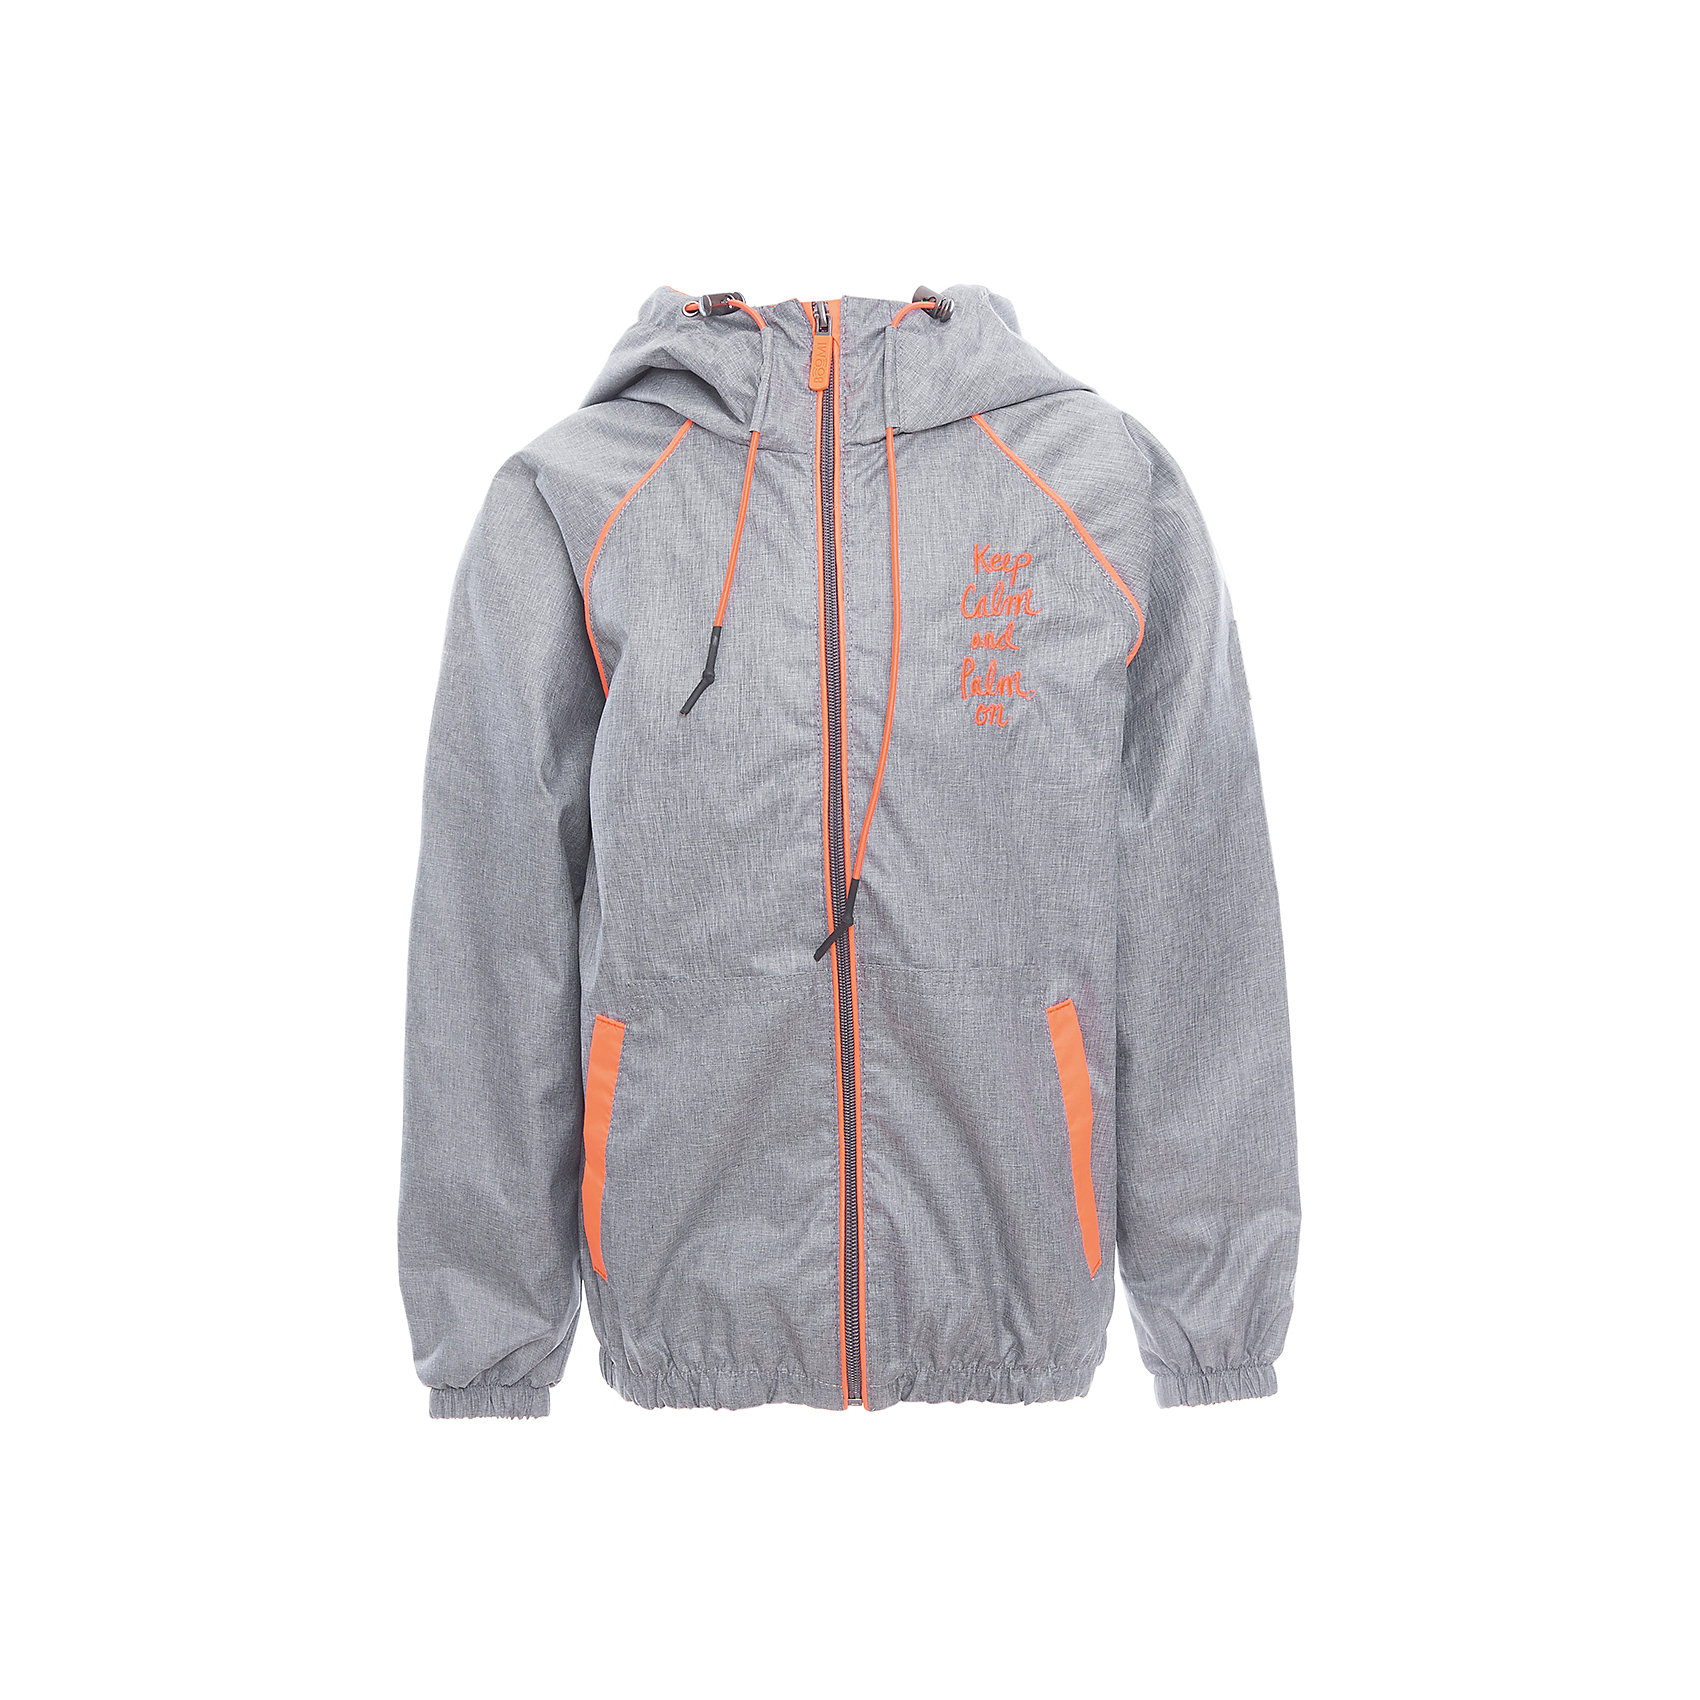 Куртка для мальчика BOOM by OrbyХарактеристики товара:<br><br>• цвет: серый<br>• состав: верх - таффета, подкладка - поликоттон, полиэстер, без утеплителя<br>• температурный режим: от +10° до +20°С<br>• карманы<br>• застежка - молния<br>• капюшон с утяжкой<br>• украшена принтом<br>• эластичные манжеты<br>• комфортная посадка<br>• страна производства: Российская Федерация<br>• страна бренда: Российская Федерация<br>• коллекция: весна-лето 2017<br><br>Легкая куртка - универсальный вариант и для прохладного летнего вечера, и для теплого межсезонья. Эта модель - модная и удобная одновременно! Изделие отличается стильным ярким дизайном. Куртка хорошо сидит по фигуре, отлично сочетается с различным низом. Вещь была разработана специально для детей.<br><br>Куртку для мальчика от бренда BOOM by Orby можно купить в нашем интернет-магазине.<br><br>Ширина мм: 356<br>Глубина мм: 10<br>Высота мм: 245<br>Вес г: 519<br>Цвет: серый<br>Возраст от месяцев: 36<br>Возраст до месяцев: 48<br>Пол: Мужской<br>Возраст: Детский<br>Размер: 104,158,86,92,98,110,116,122,128,134,140,146,152<br>SKU: 5343328